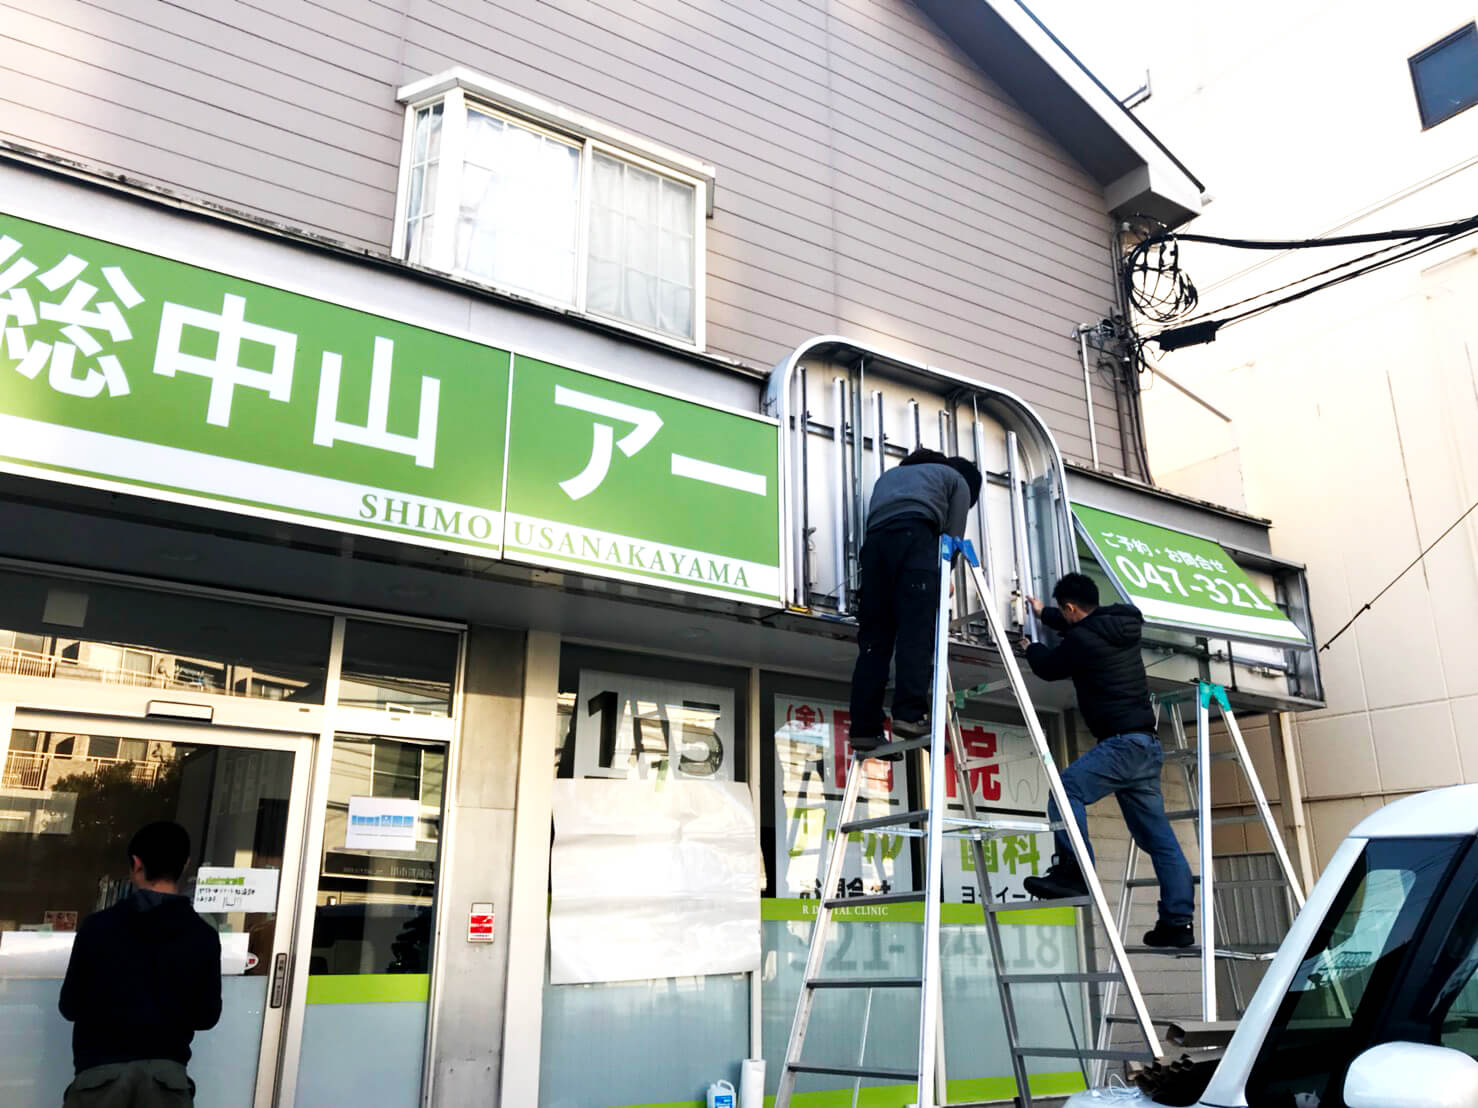 300315 4 - 【千葉県 市川市】新しく開院する歯医者さんのLED照明看板、カッティングシート、電飾看板施工・デザインを担当しました。